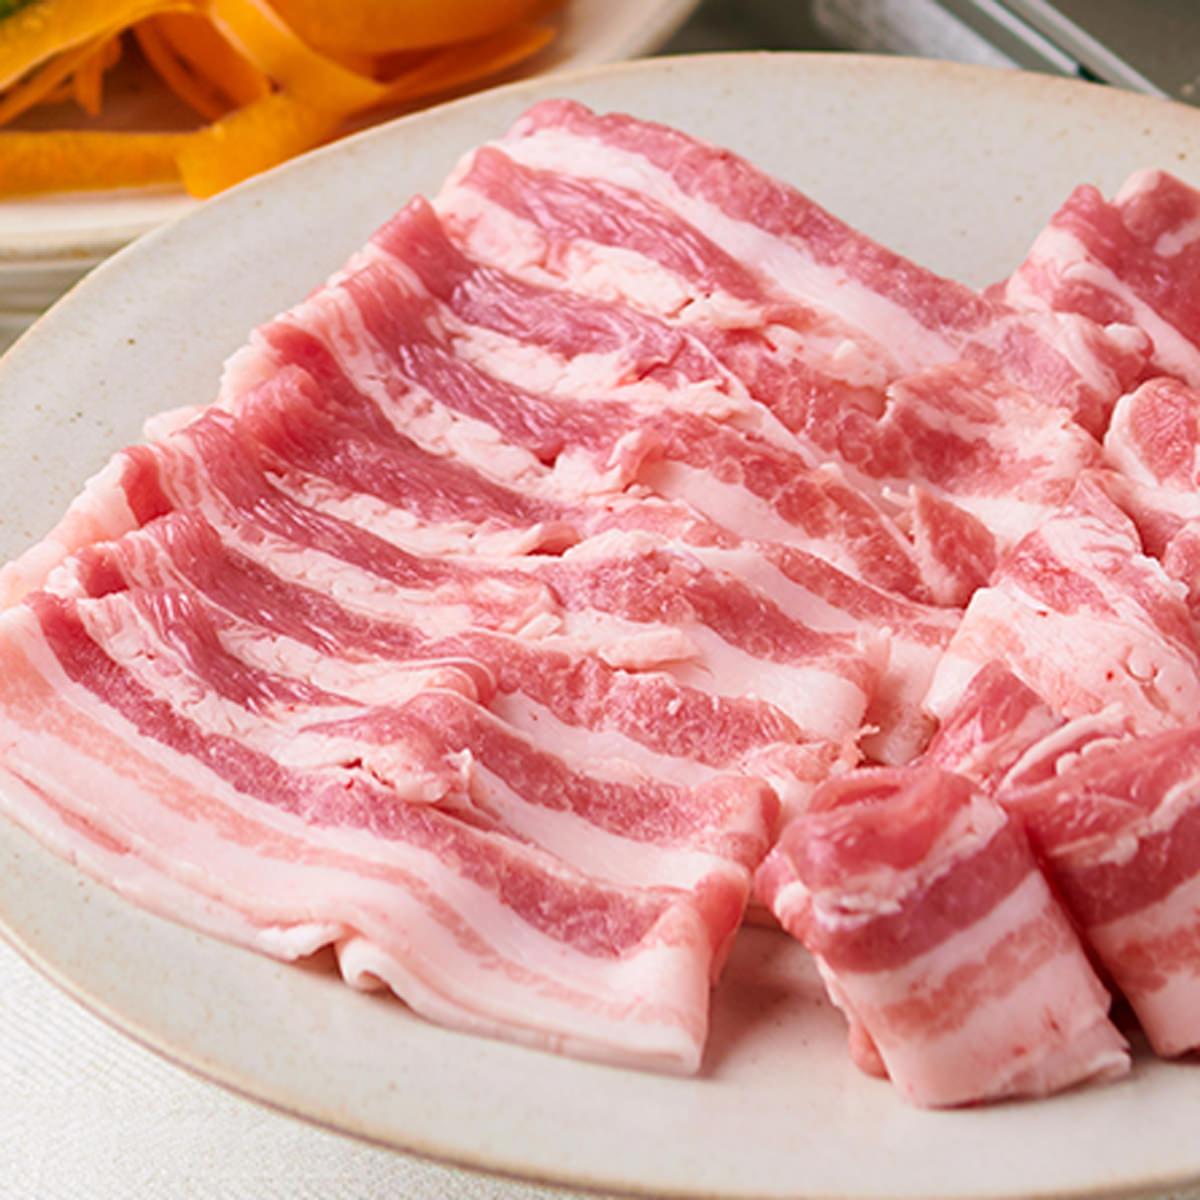 さの萬 冷蔵 萬幻豚バラしゃぶしゃぶ詰合せ 豚バラ肉〔萬幻豚バラ肉400g・オリジナルごまだれ・ラー油〕